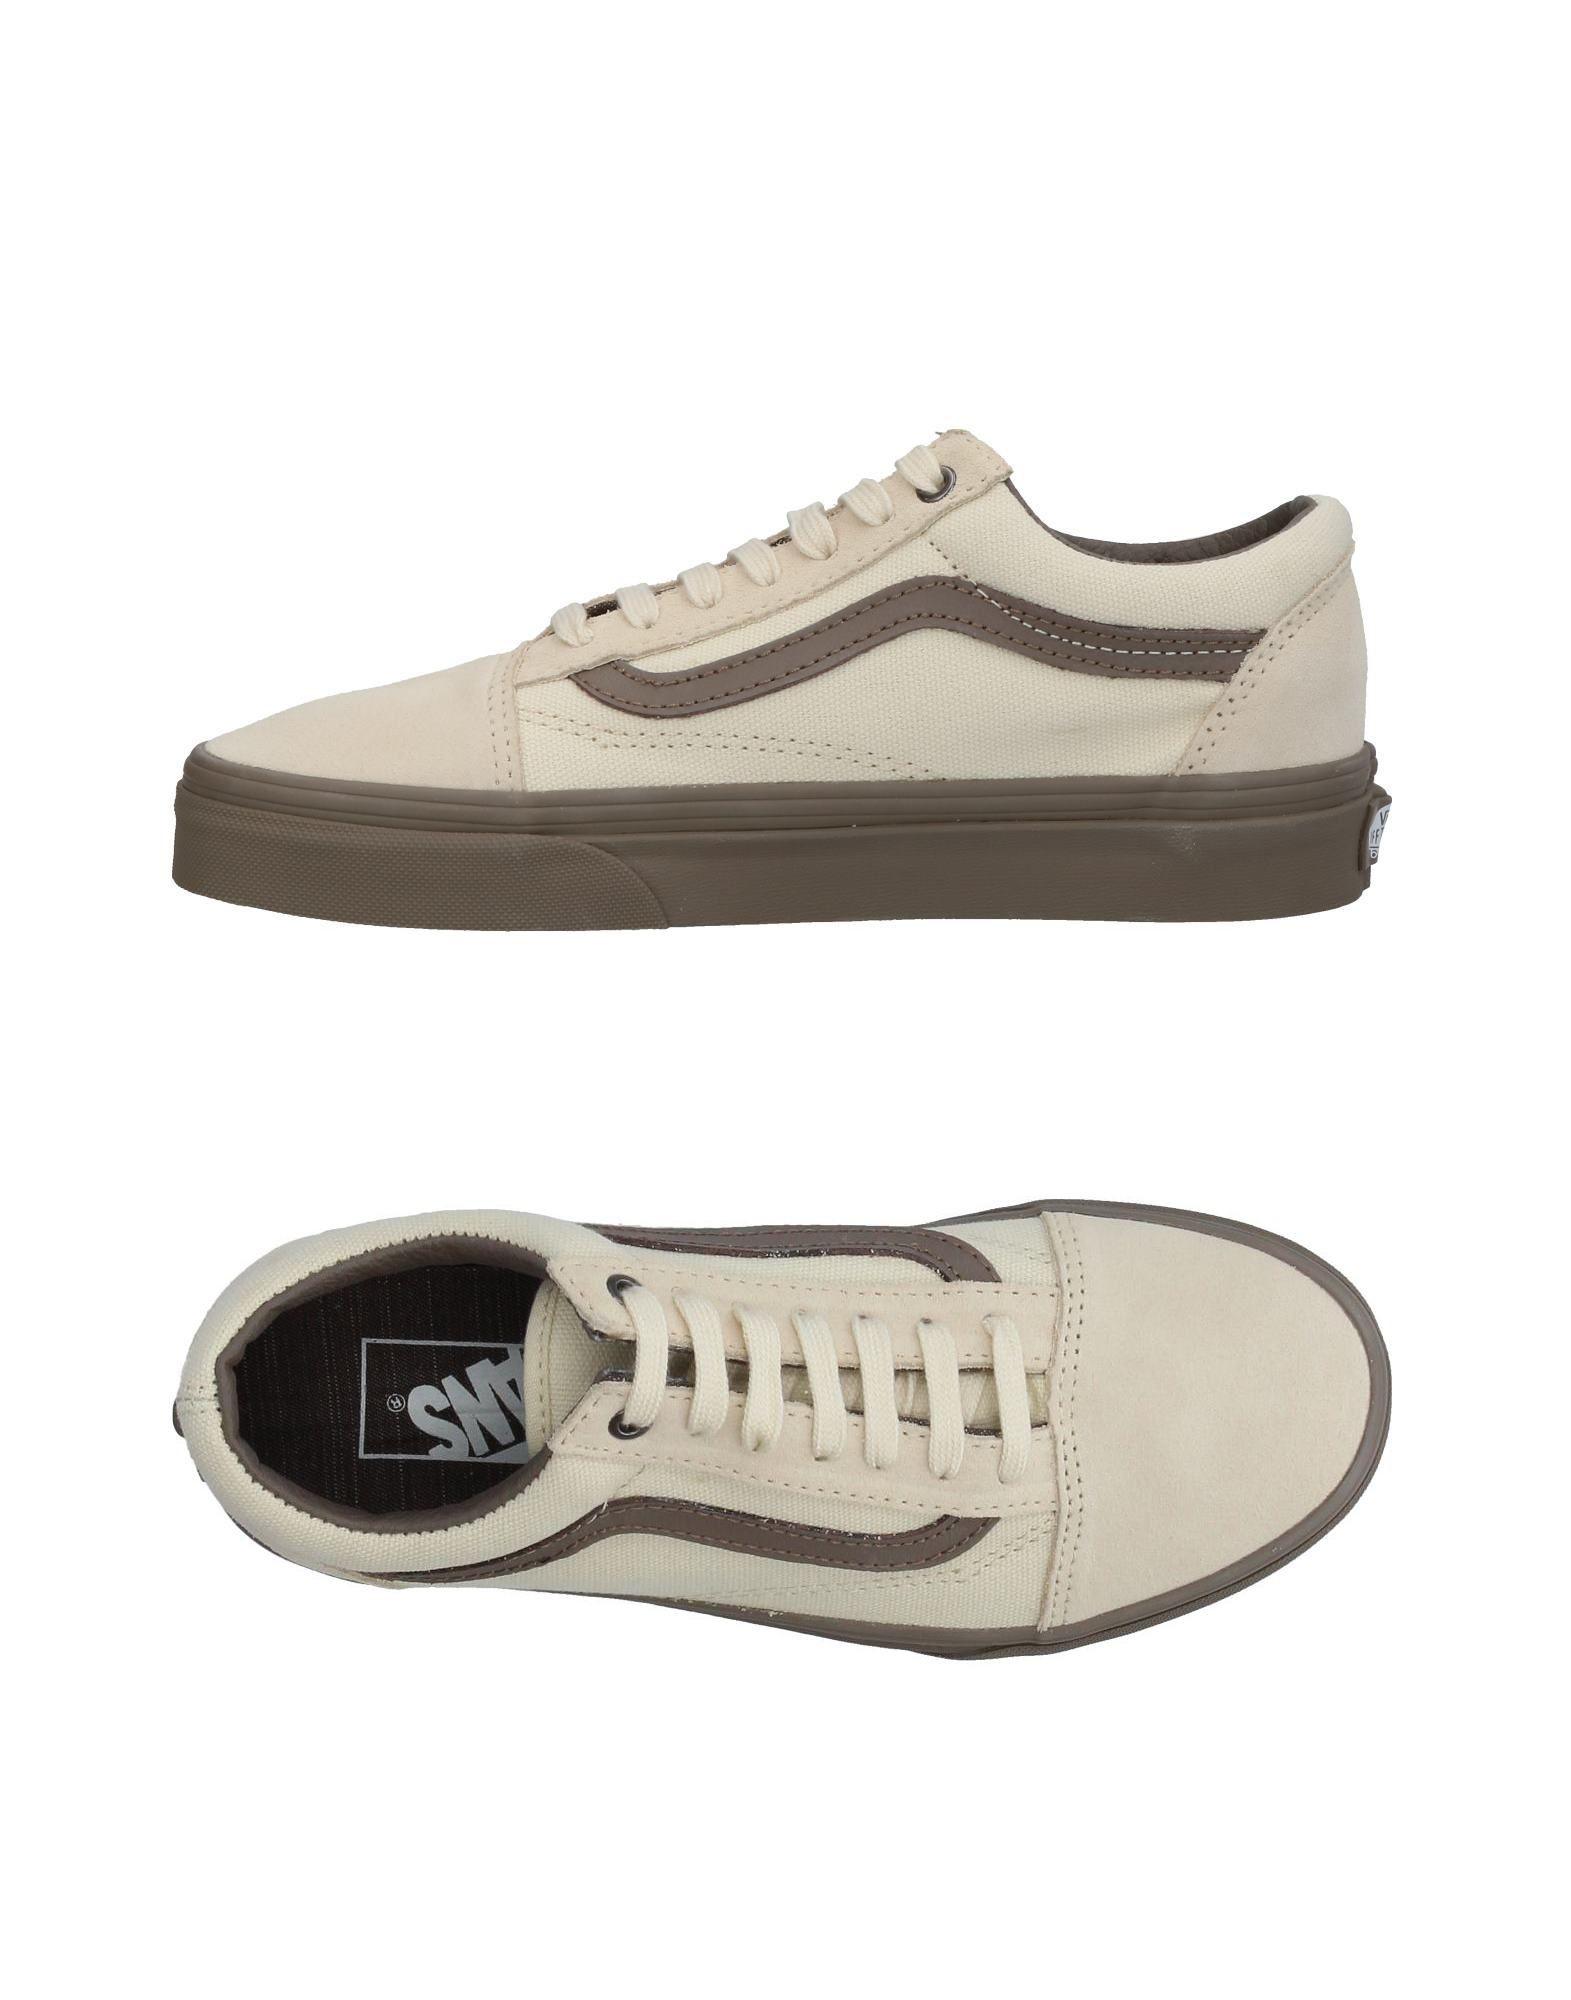 Vans Sneakers Damen  11376287AC Gute Qualität beliebte Schuhe